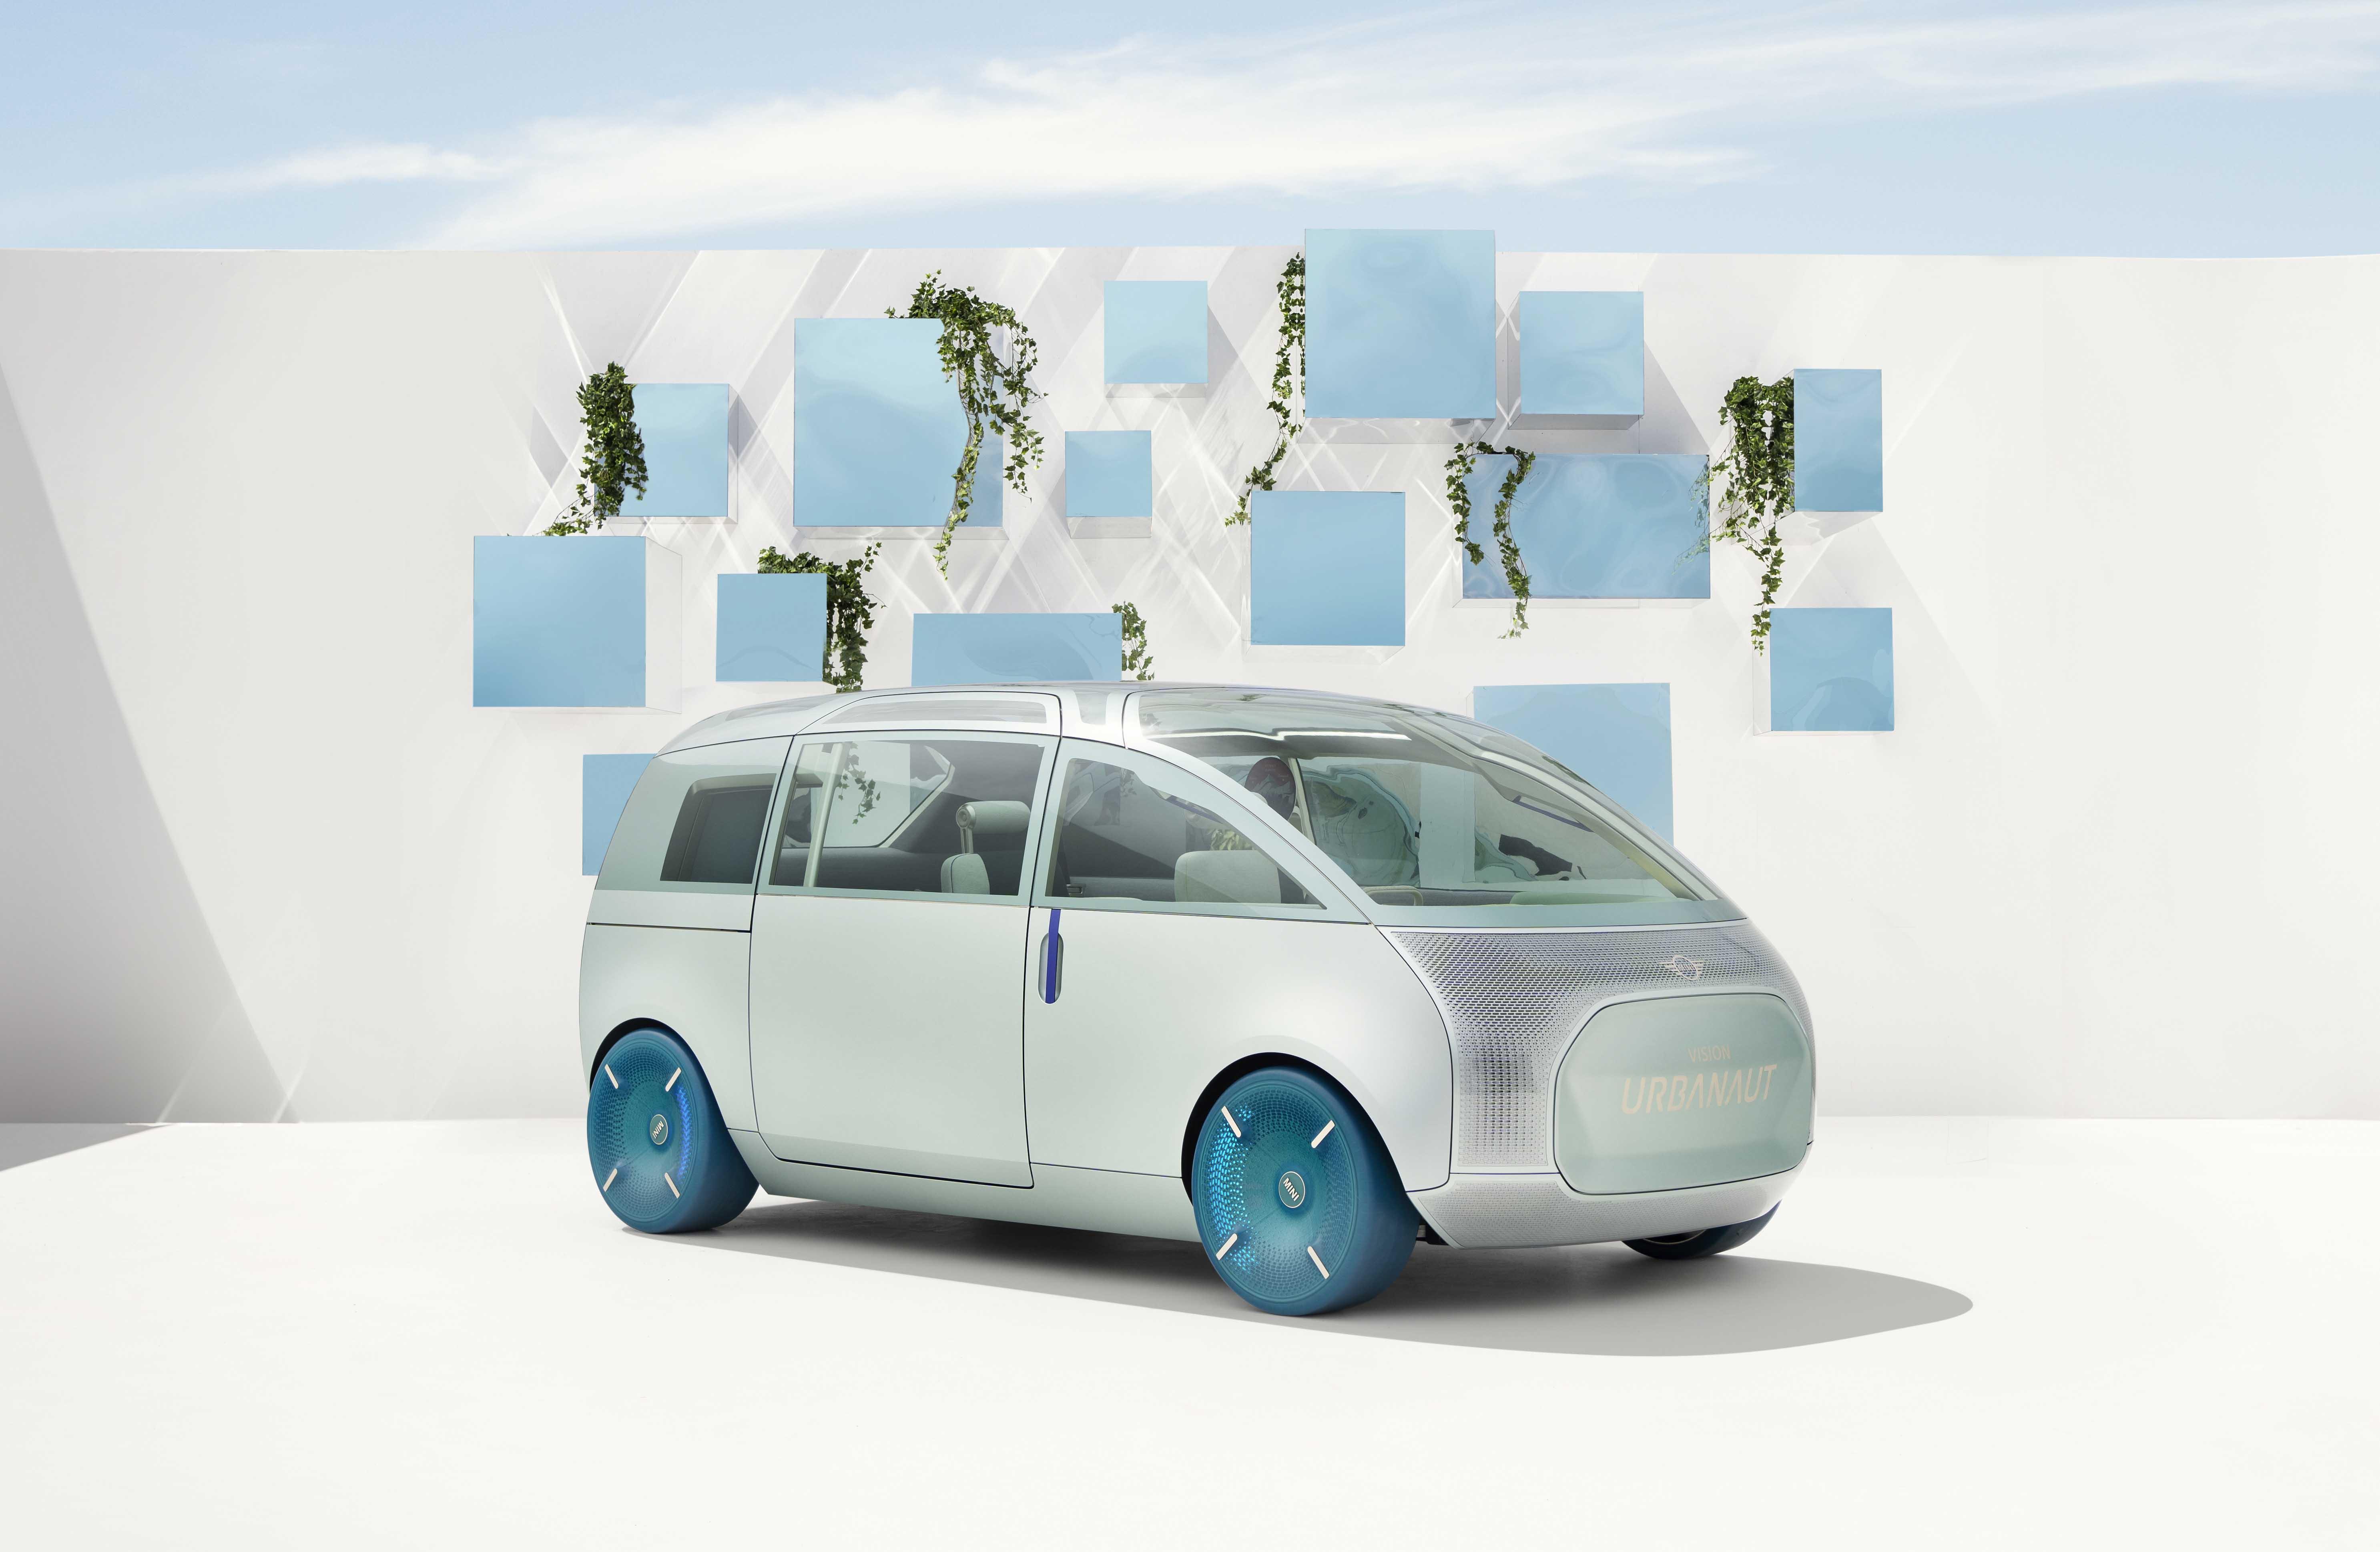 MINI Vision Urbanaut, ¿el futuro?